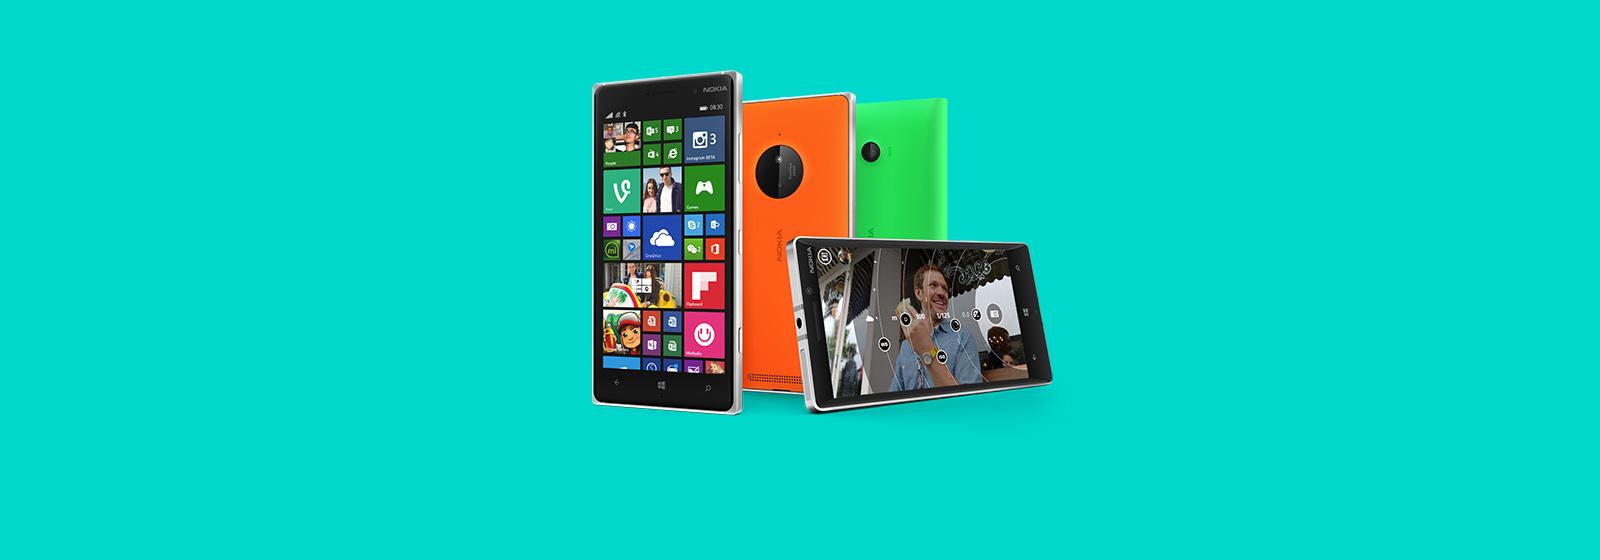 Realizați mai multe cu ajutorul telefonului dvs. inteligent. Aflați mai multe despre dispozitivele Lumia.